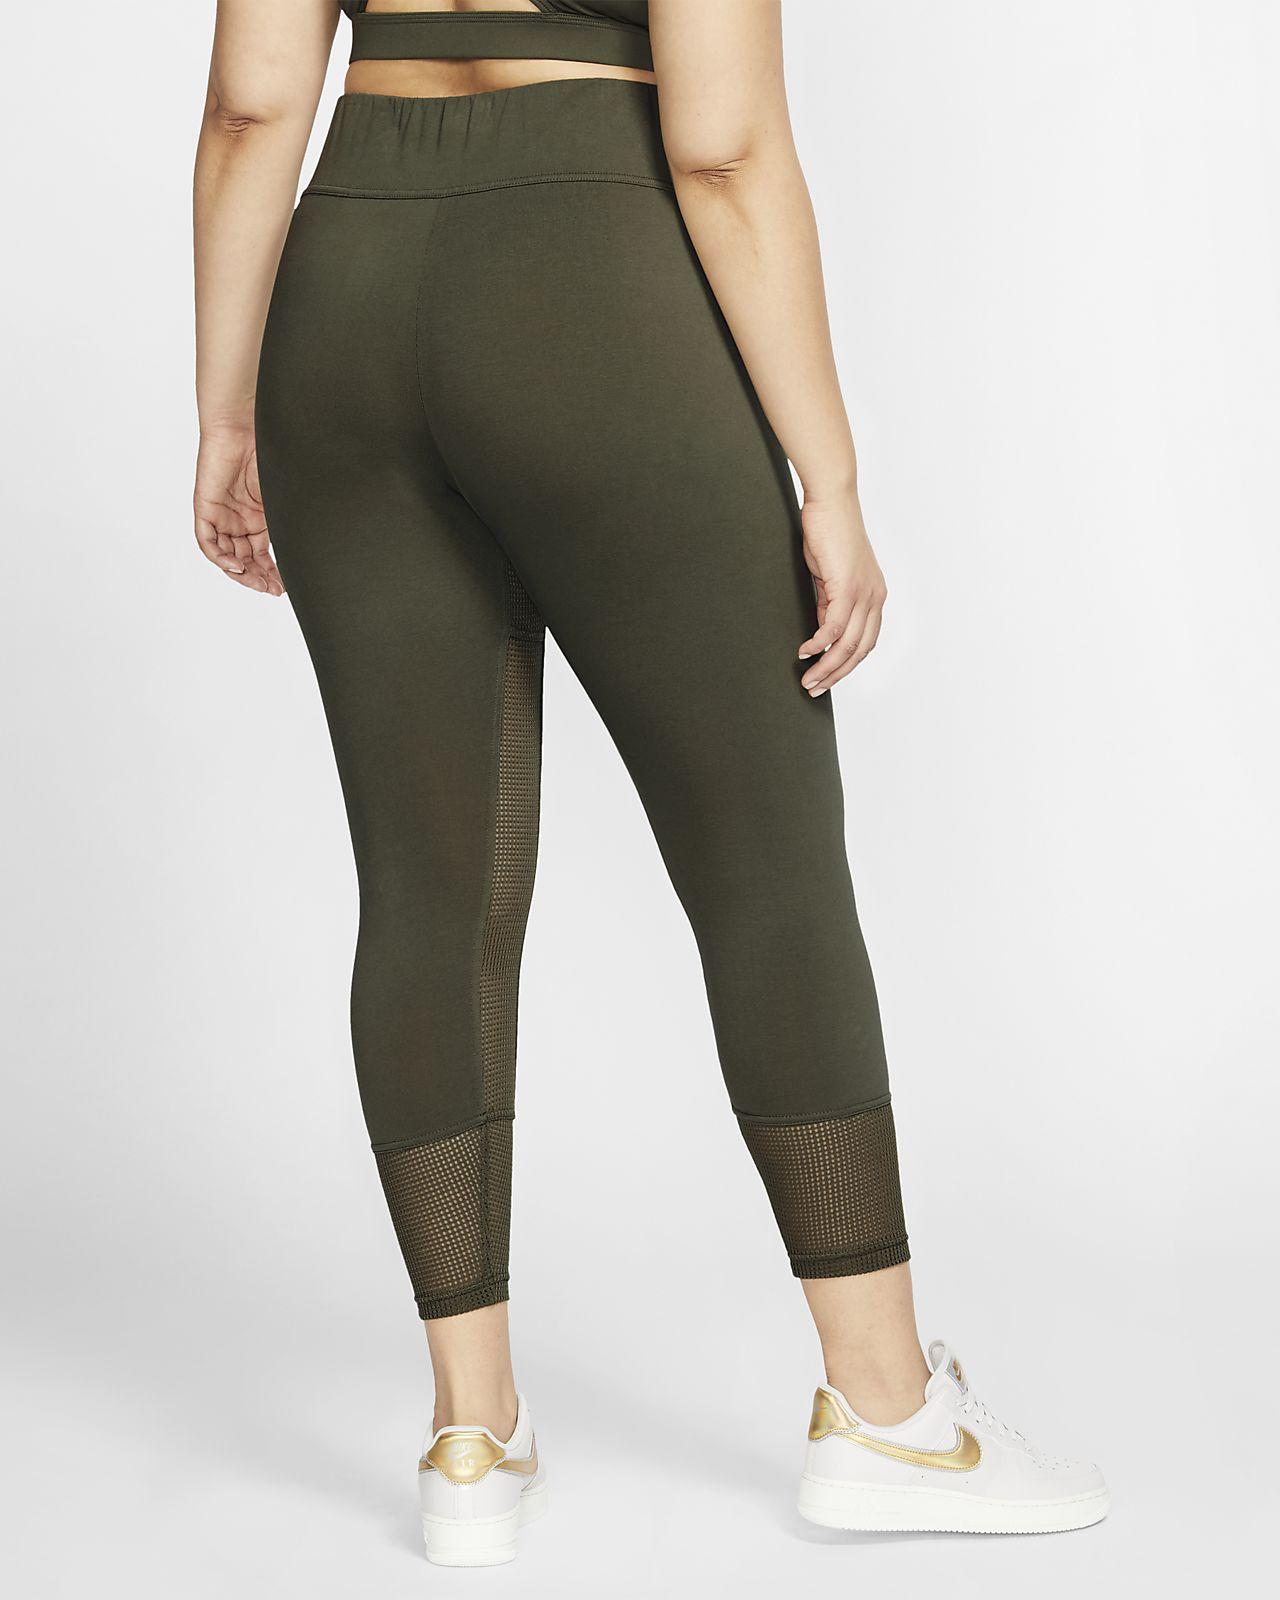 2fba99ddf02672 Low Resolution Nike Sportswear Women's Mesh Leggings (Plus Size) Nike  Sportswear Women's Mesh Leggings (Plus Size)